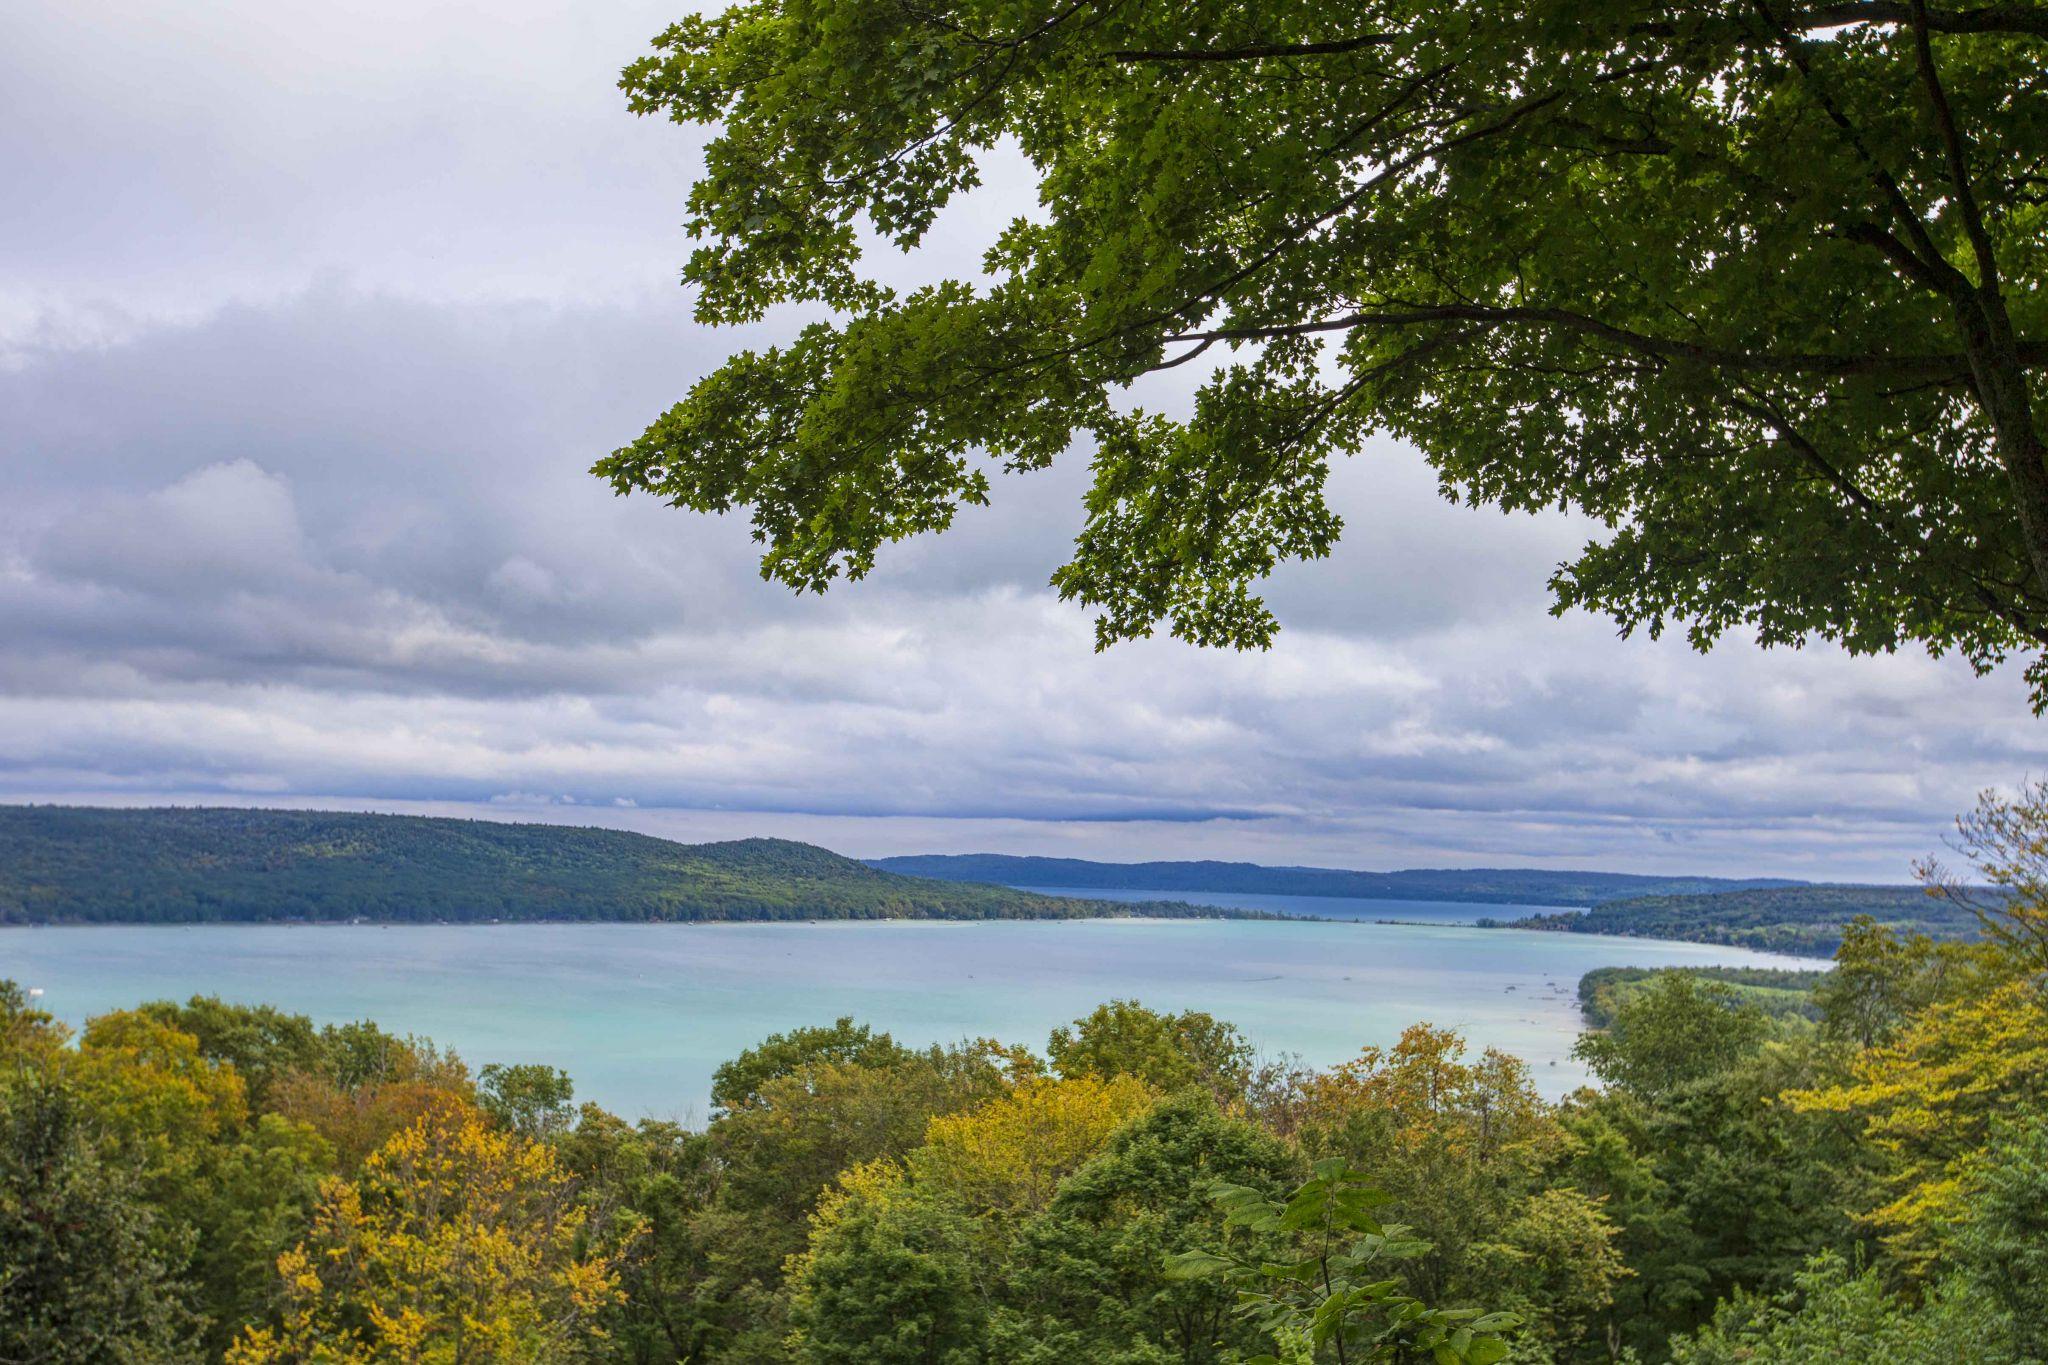 Glen Lake Overlook, USA